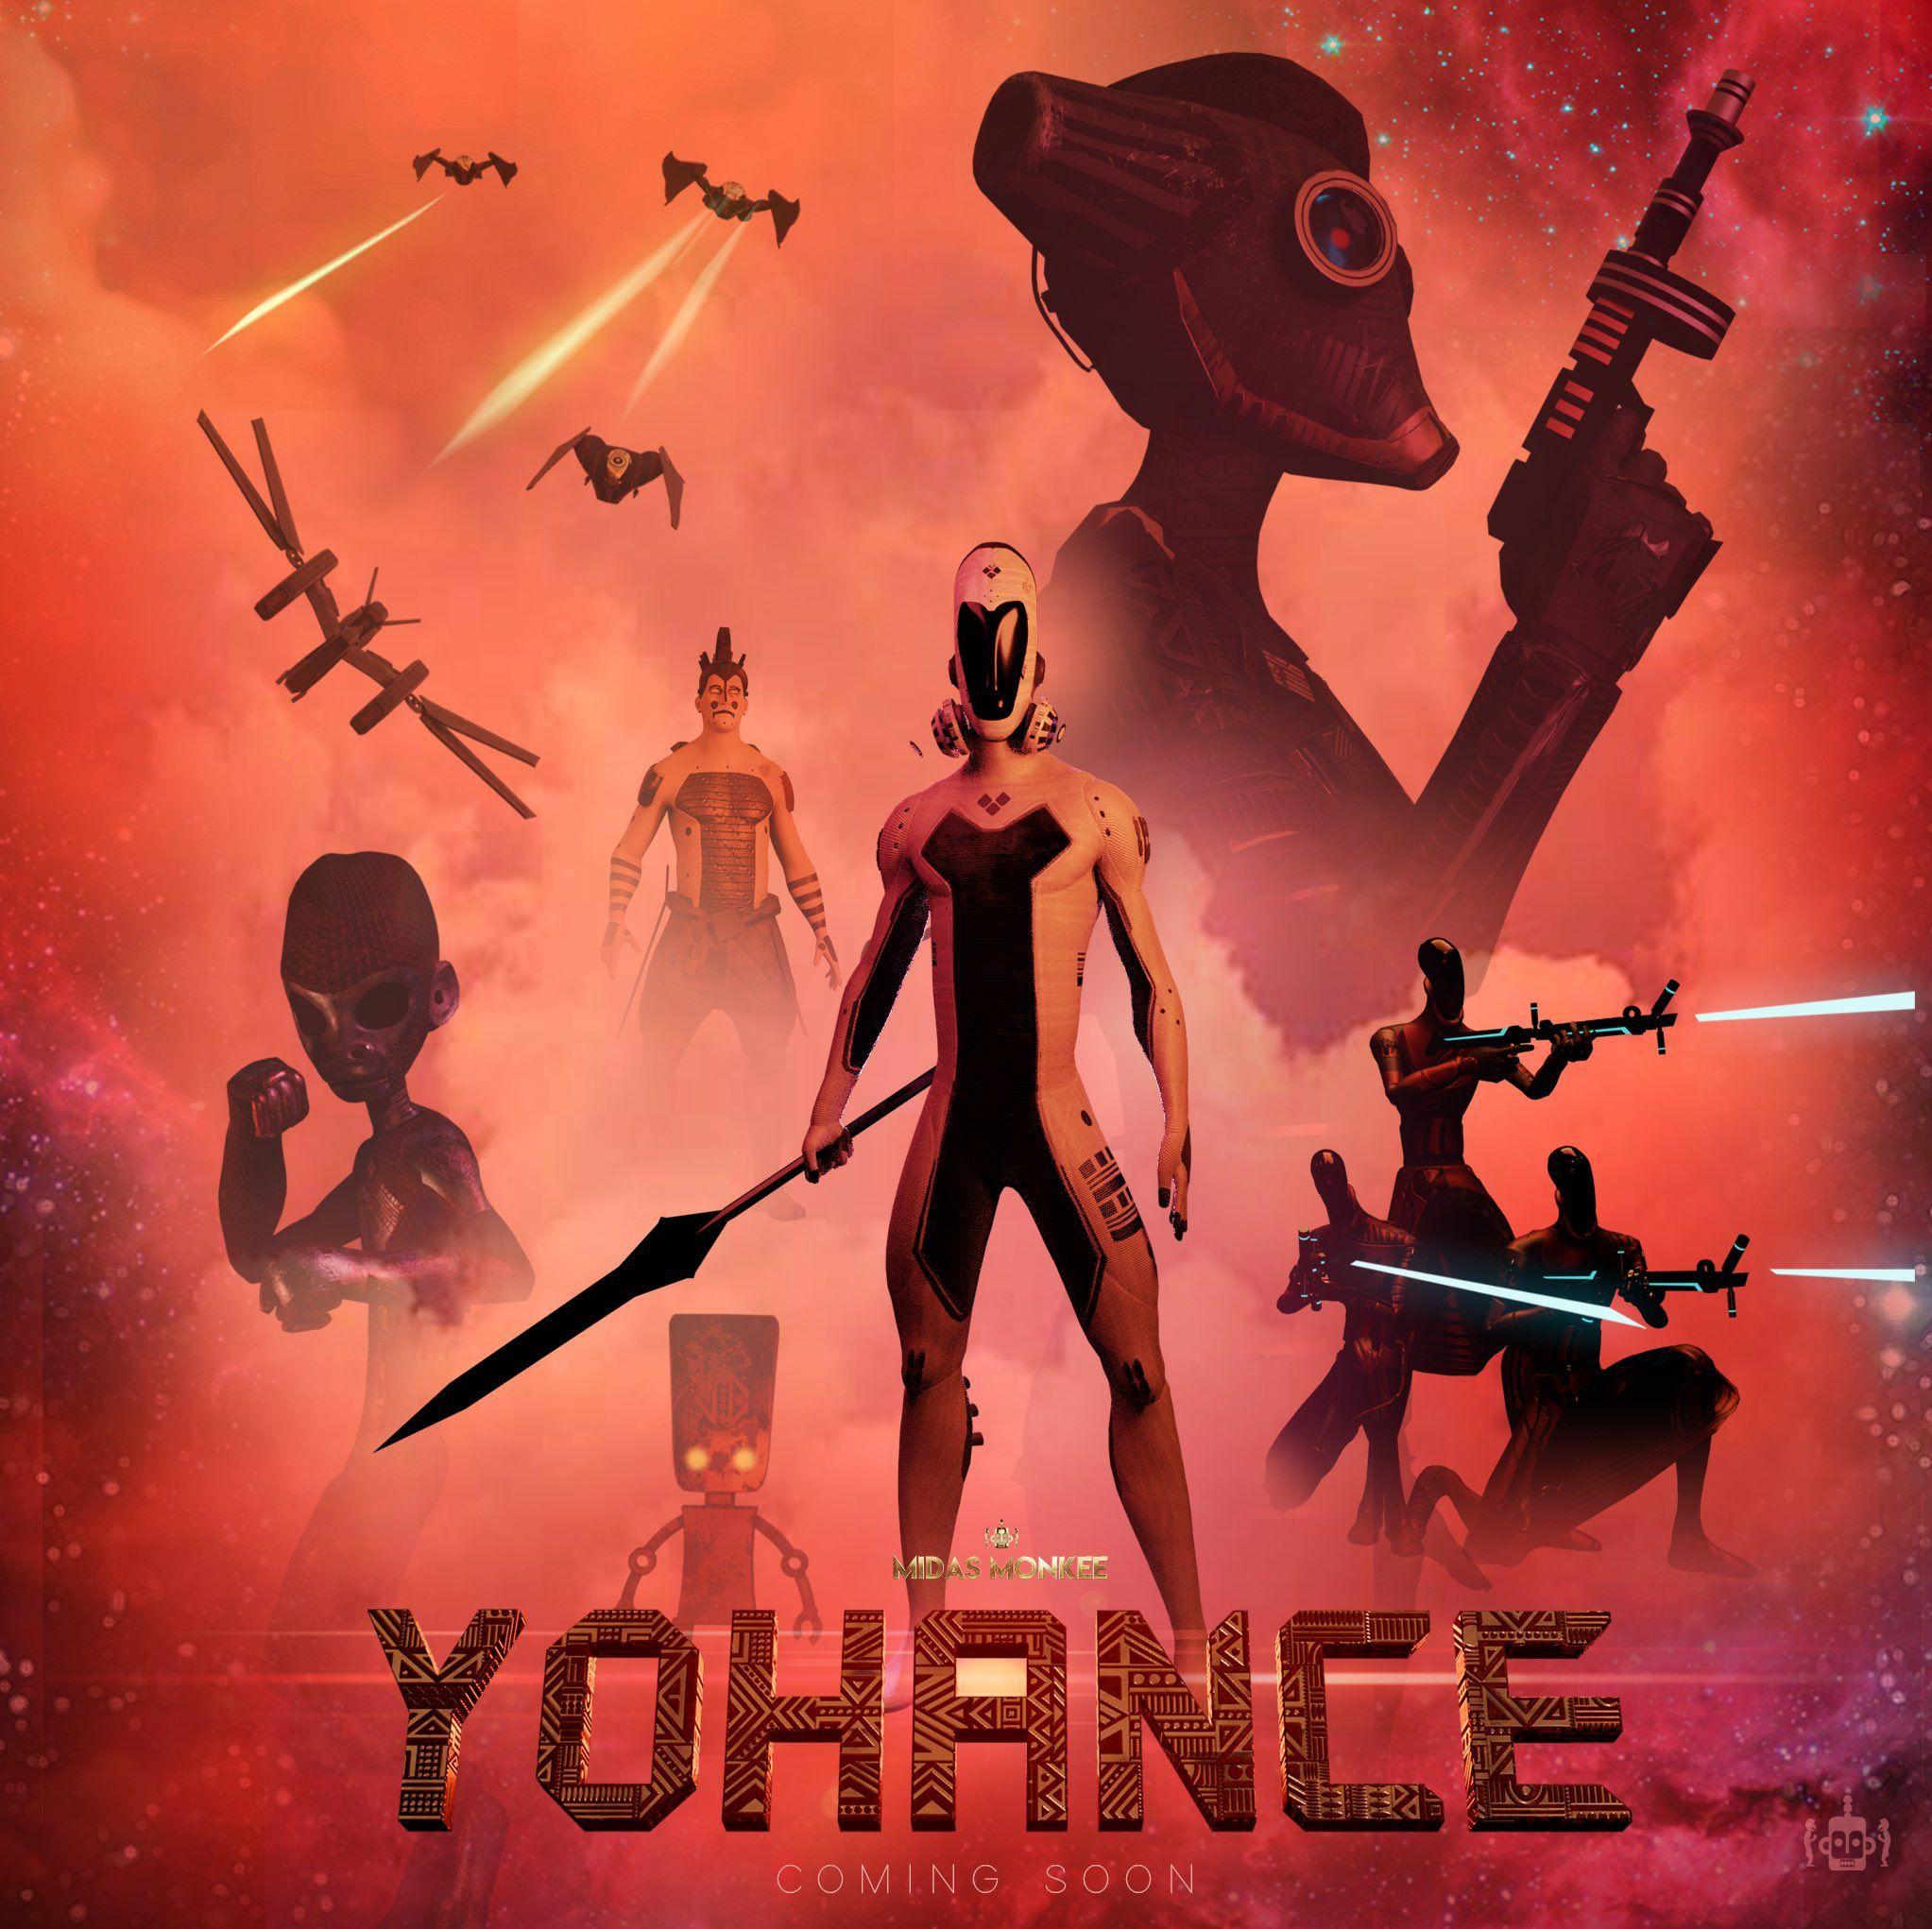 Yohance: o romance gráfico da ópera espacial africana lança seu primeiro trailer 1